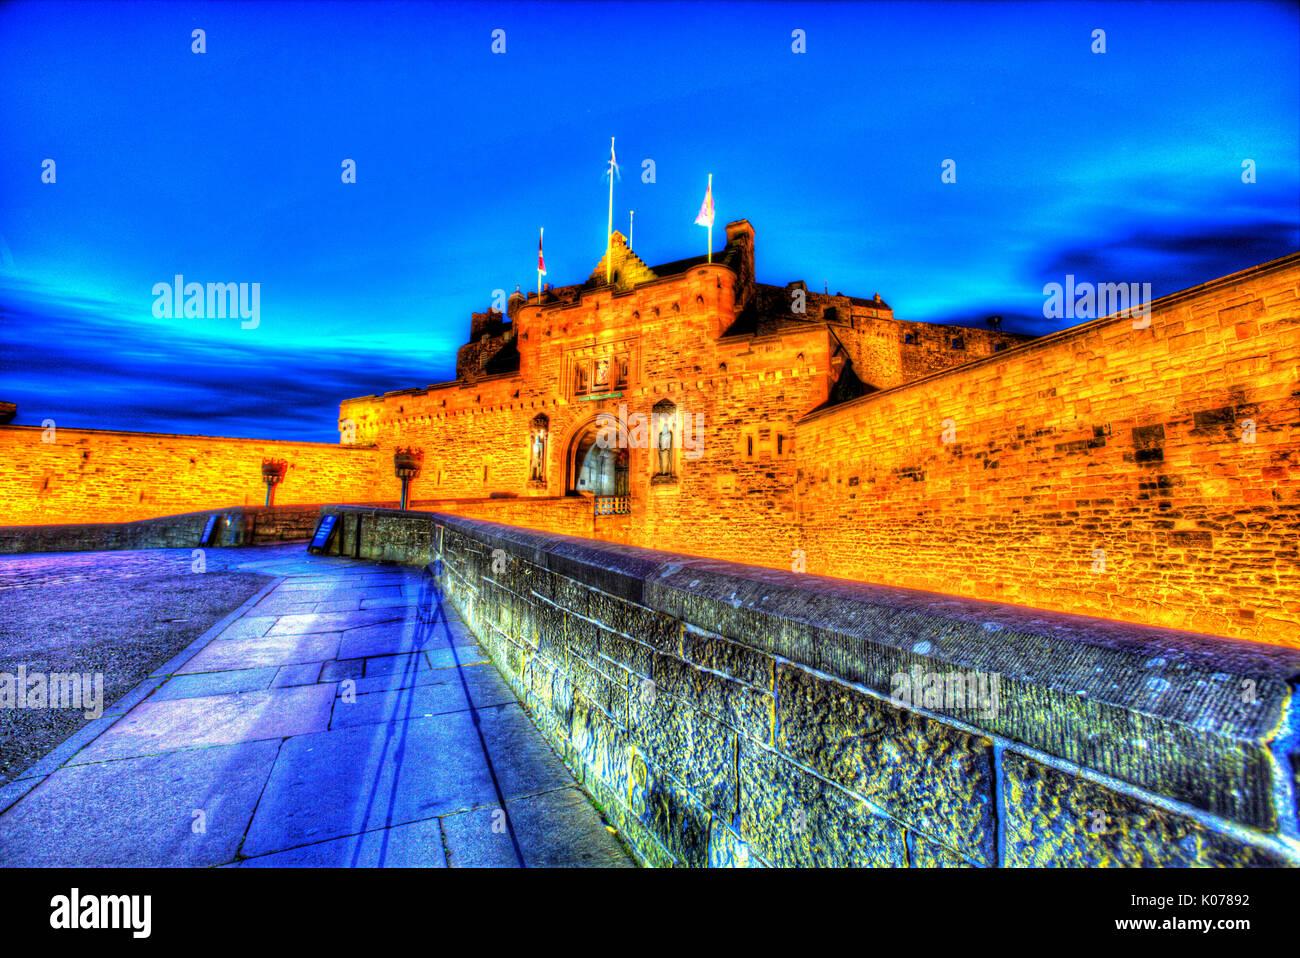 Ville d'Édimbourg, Écosse. Vue de nuit pittoresque de l'entrée principale et l'esplanade du château d'édimbourg. Photo Stock